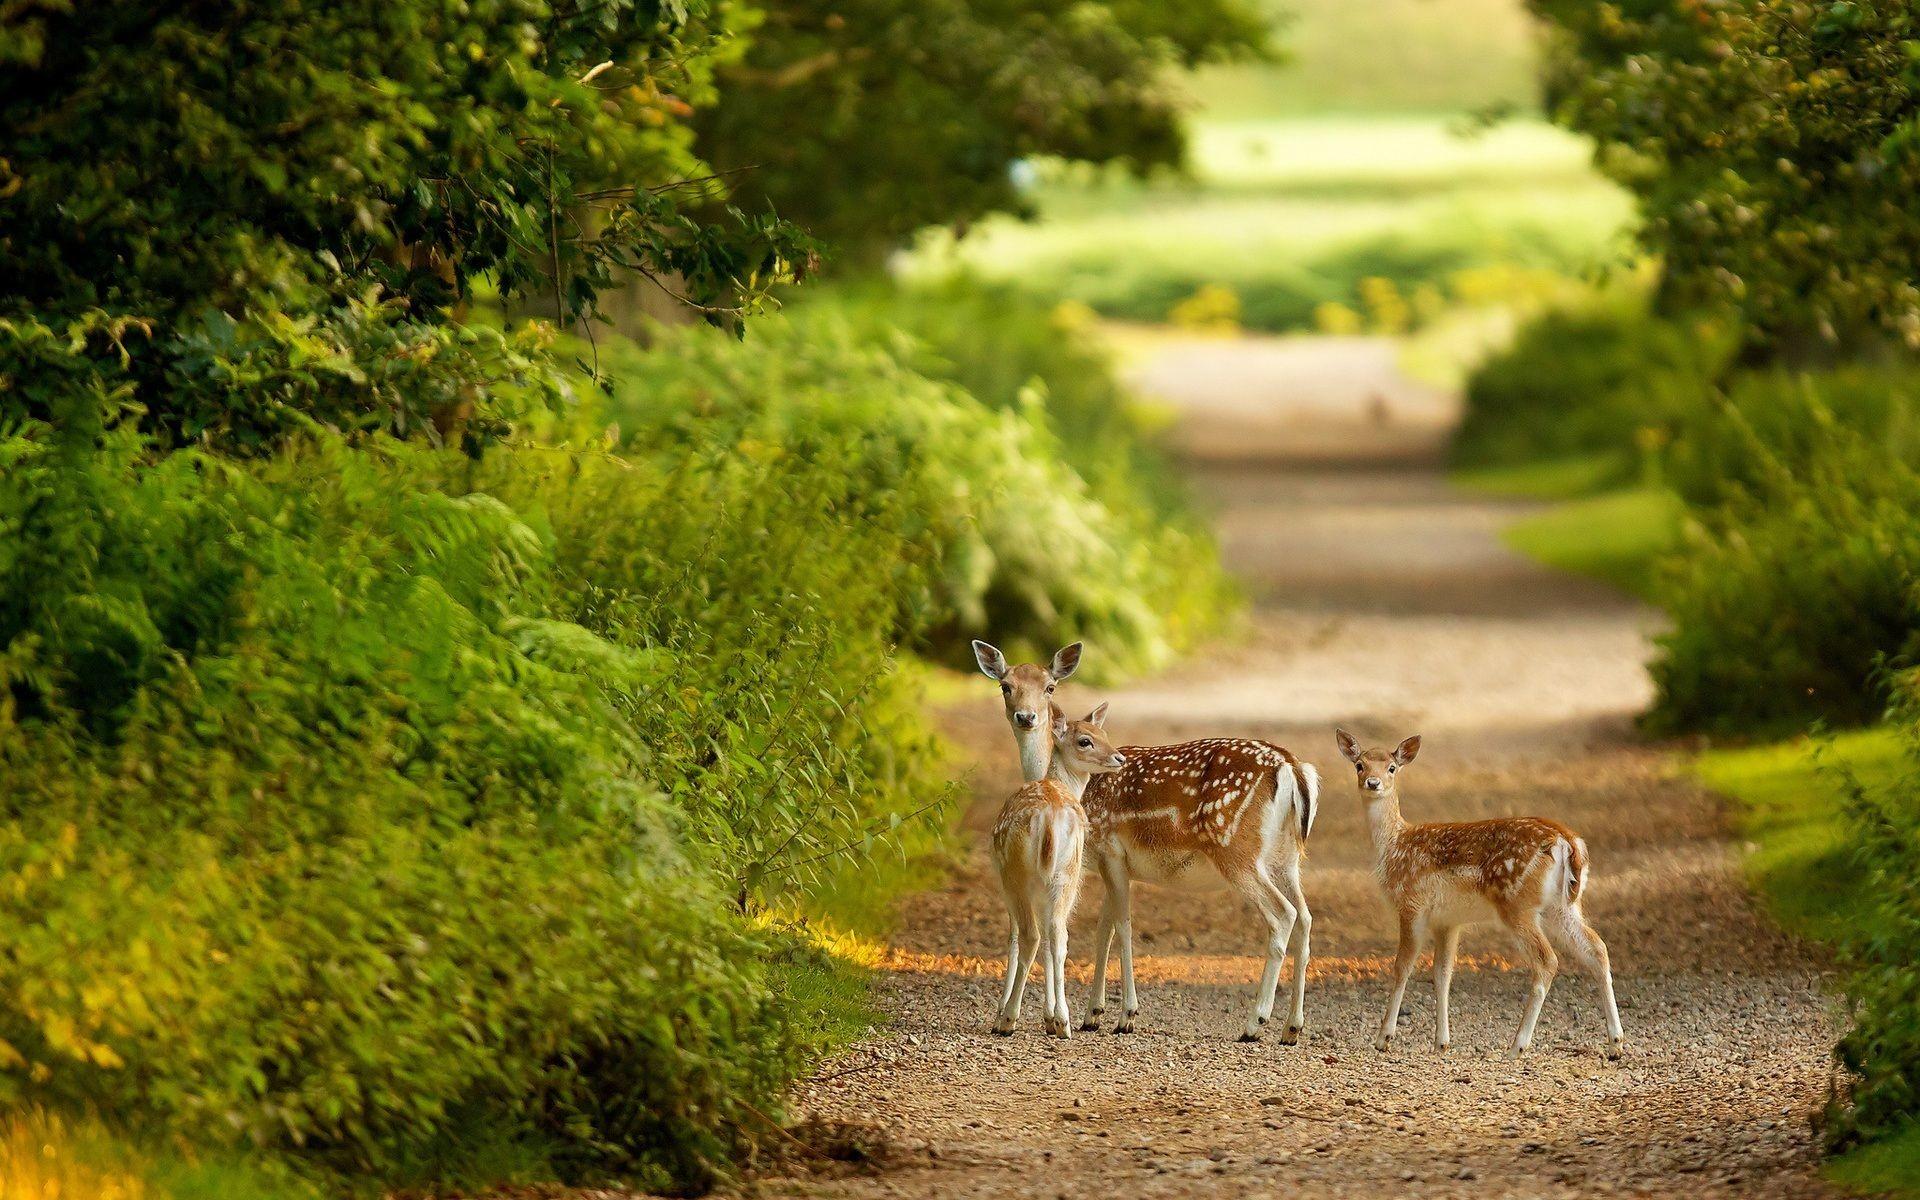 Free wildlife wallpaper bucks – Beautiful Deer Desktop Wallpapers. Download